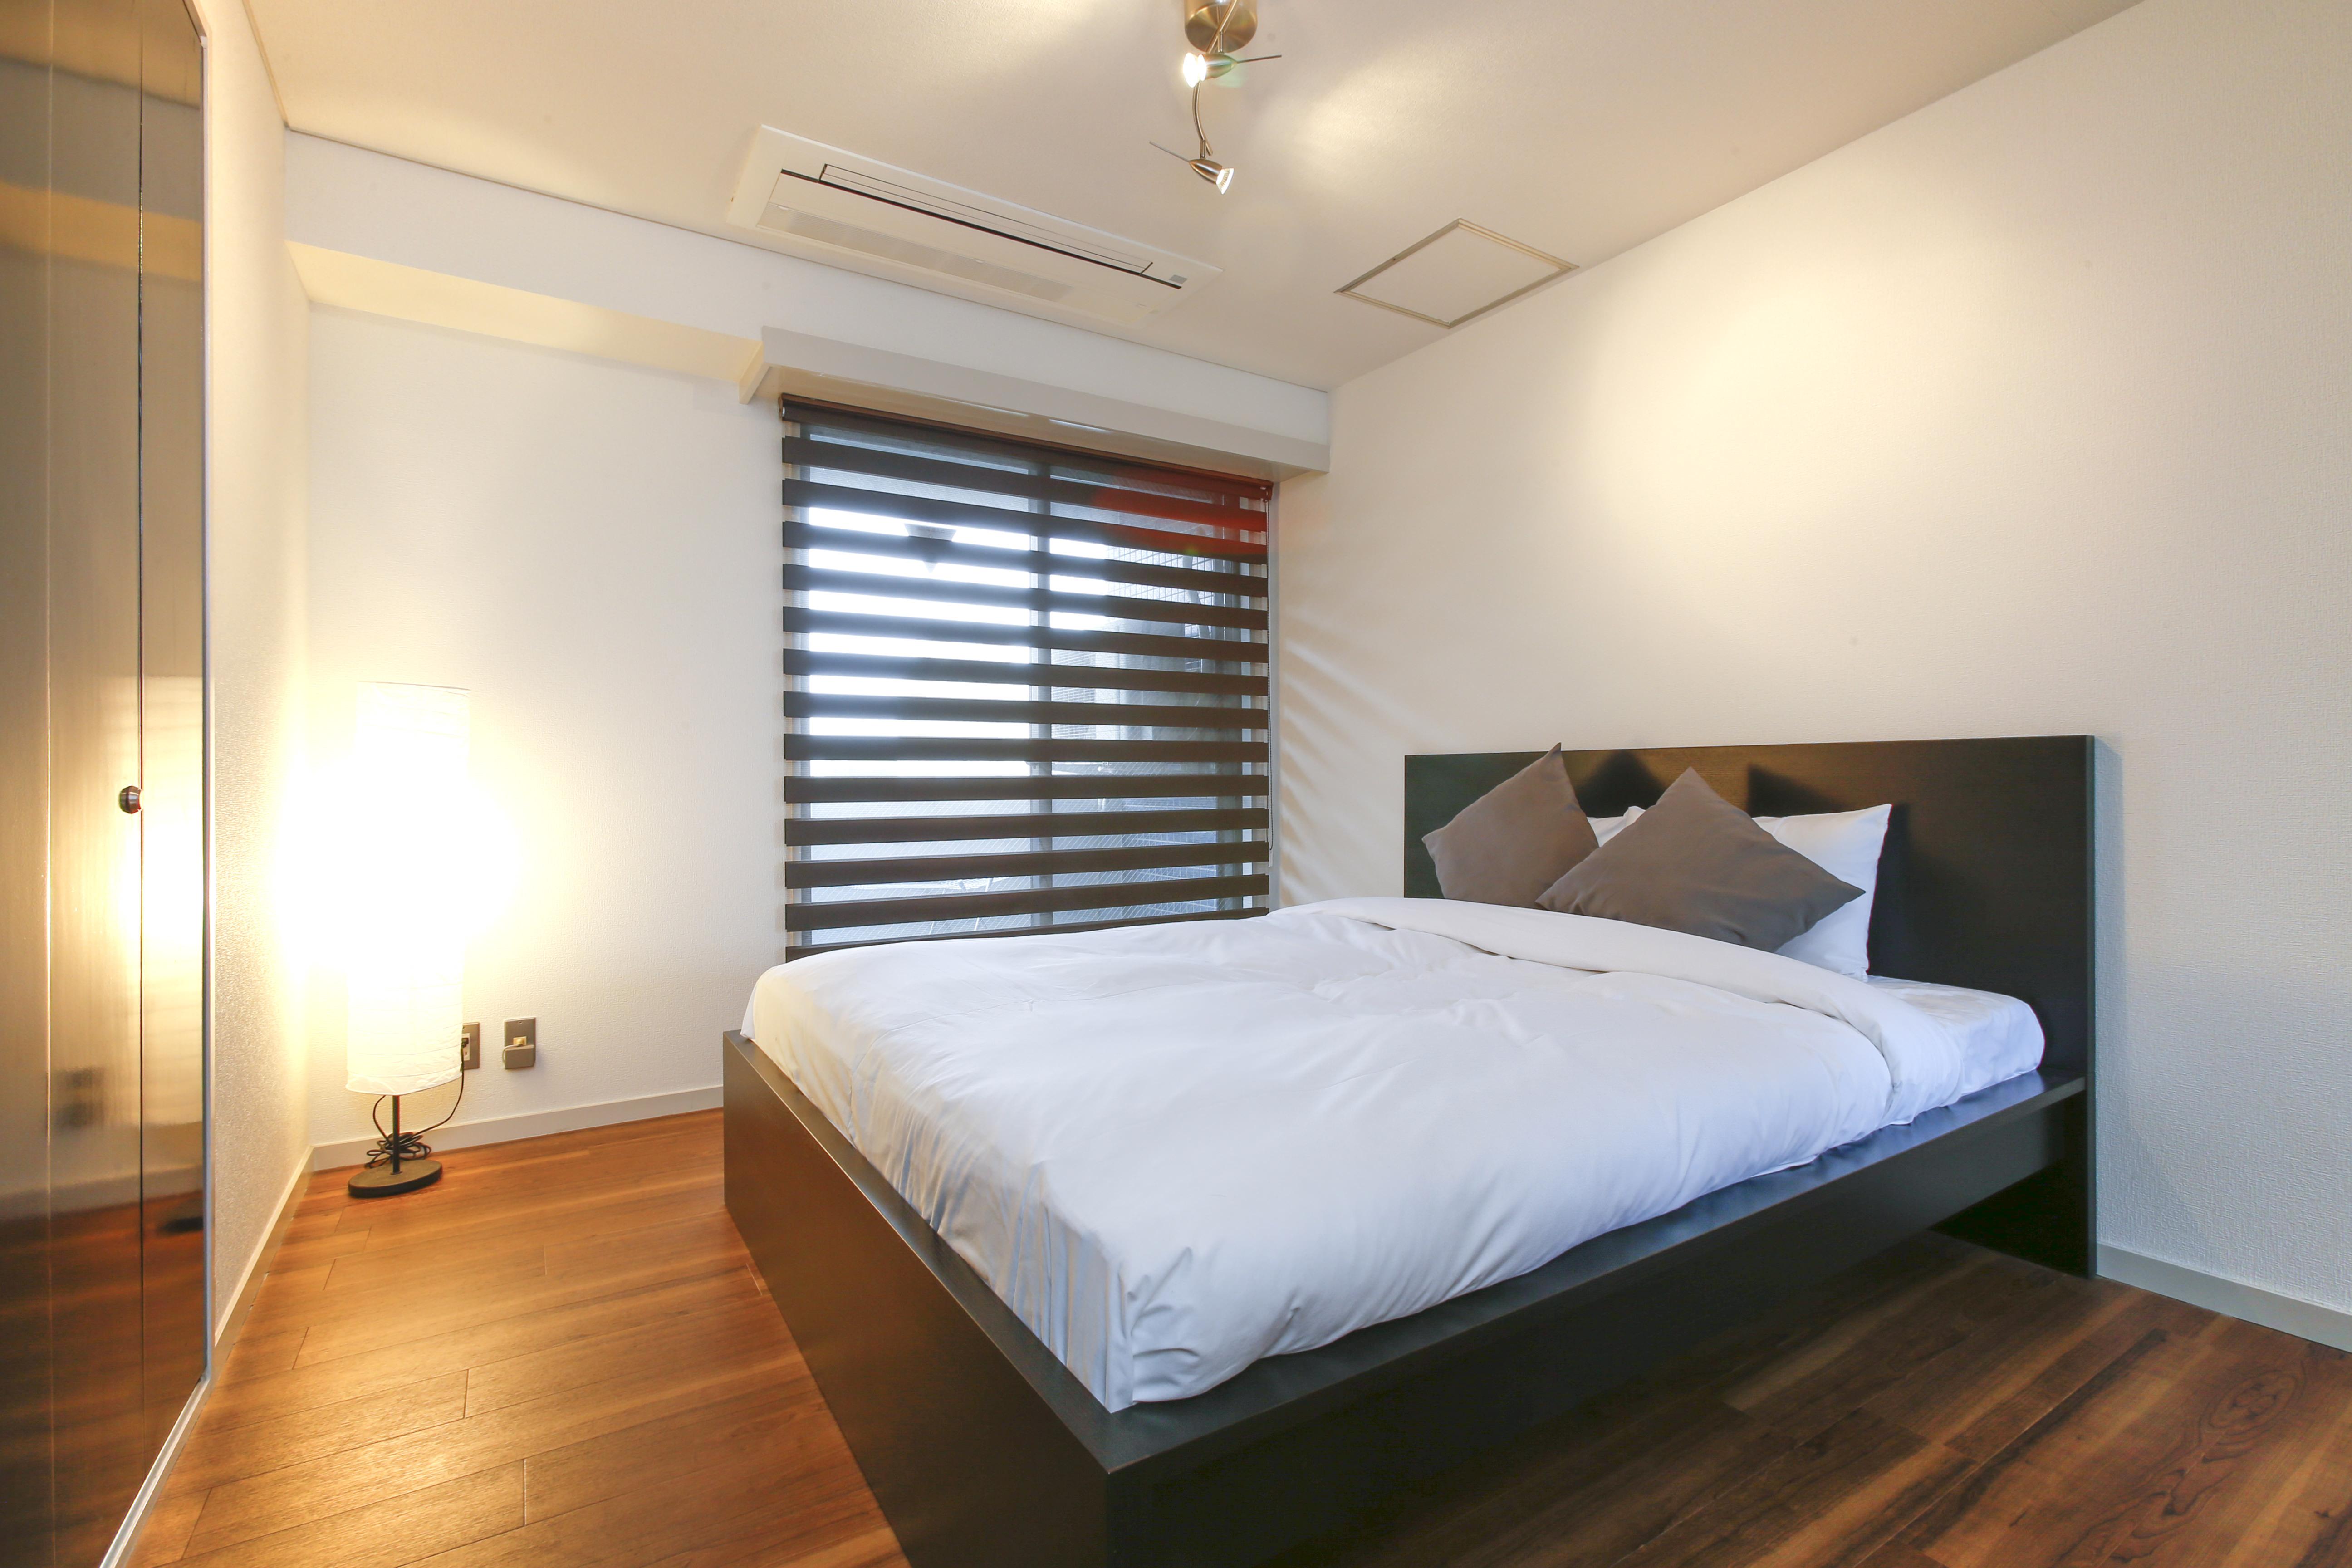 Deluxe 1 Bedroom Yoyogi / Shibuya